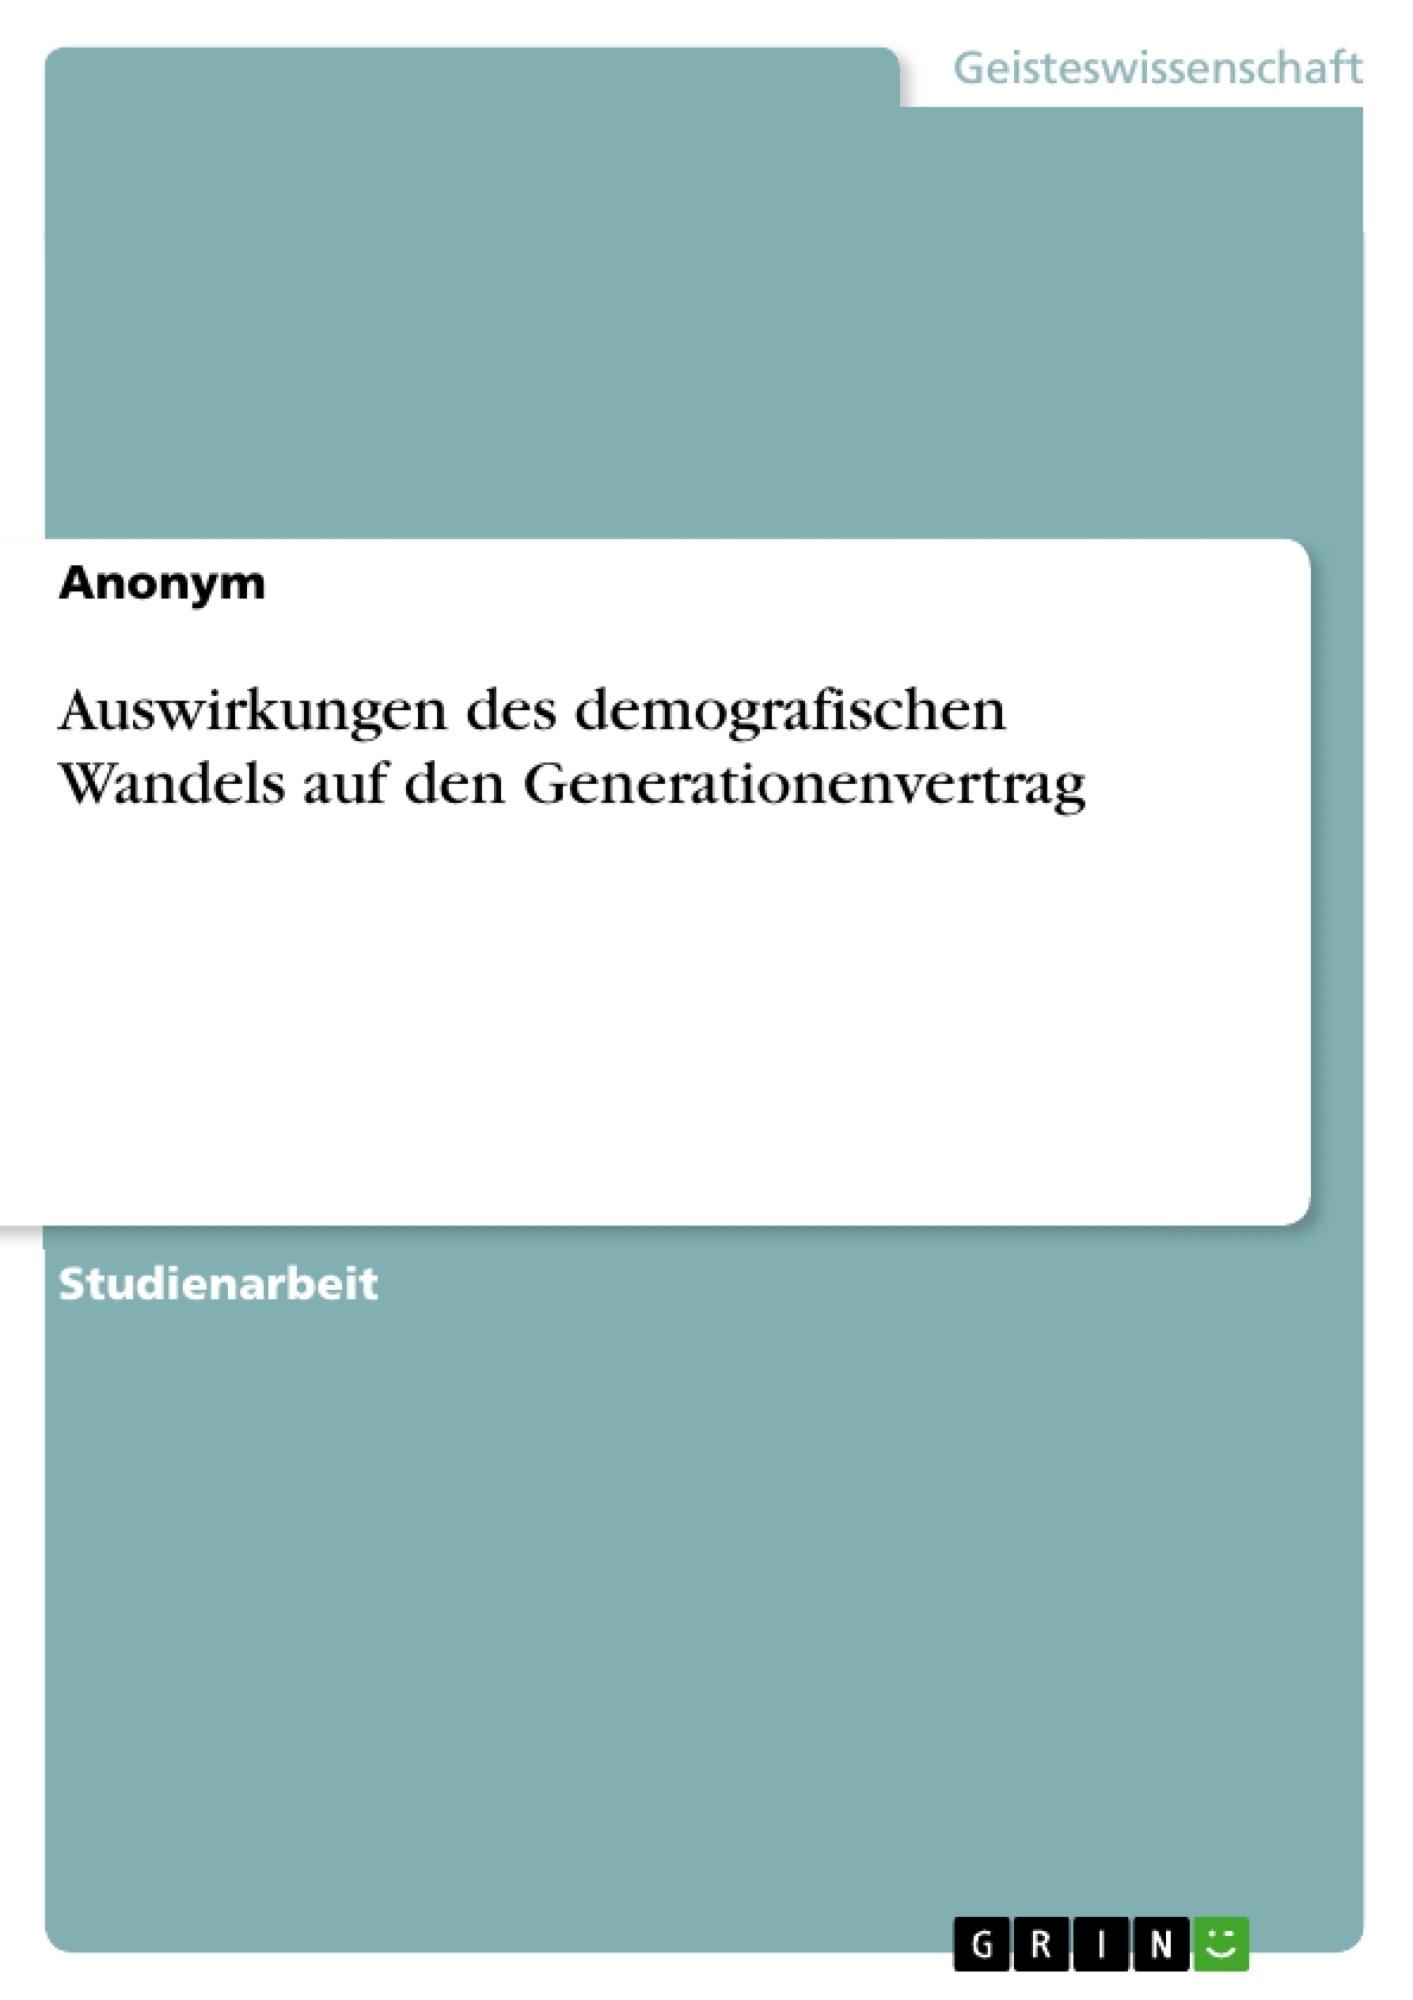 Titel: Auswirkungen des demografischen Wandels auf den Generationenvertrag